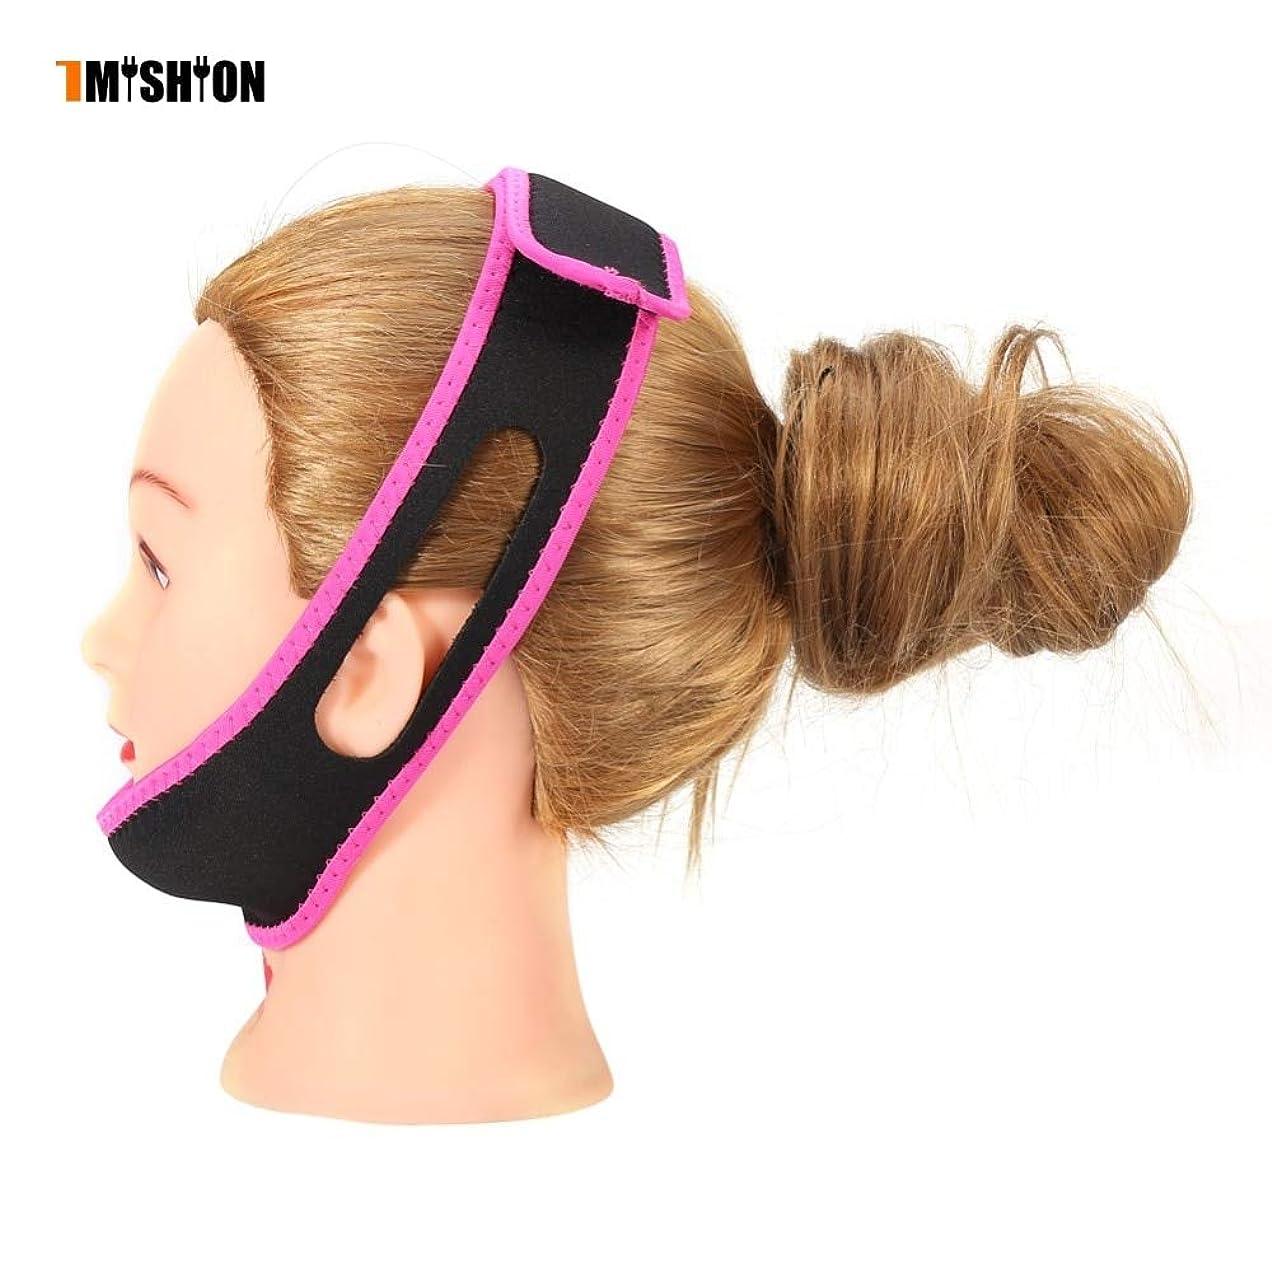 リストエンコミウム頭痛NOTE TMISHION 7色アンチいびきベルト男性女性睡眠マスクアンチいびきベルトいびき止めヘッドバンドチンジョーサポートストラップ